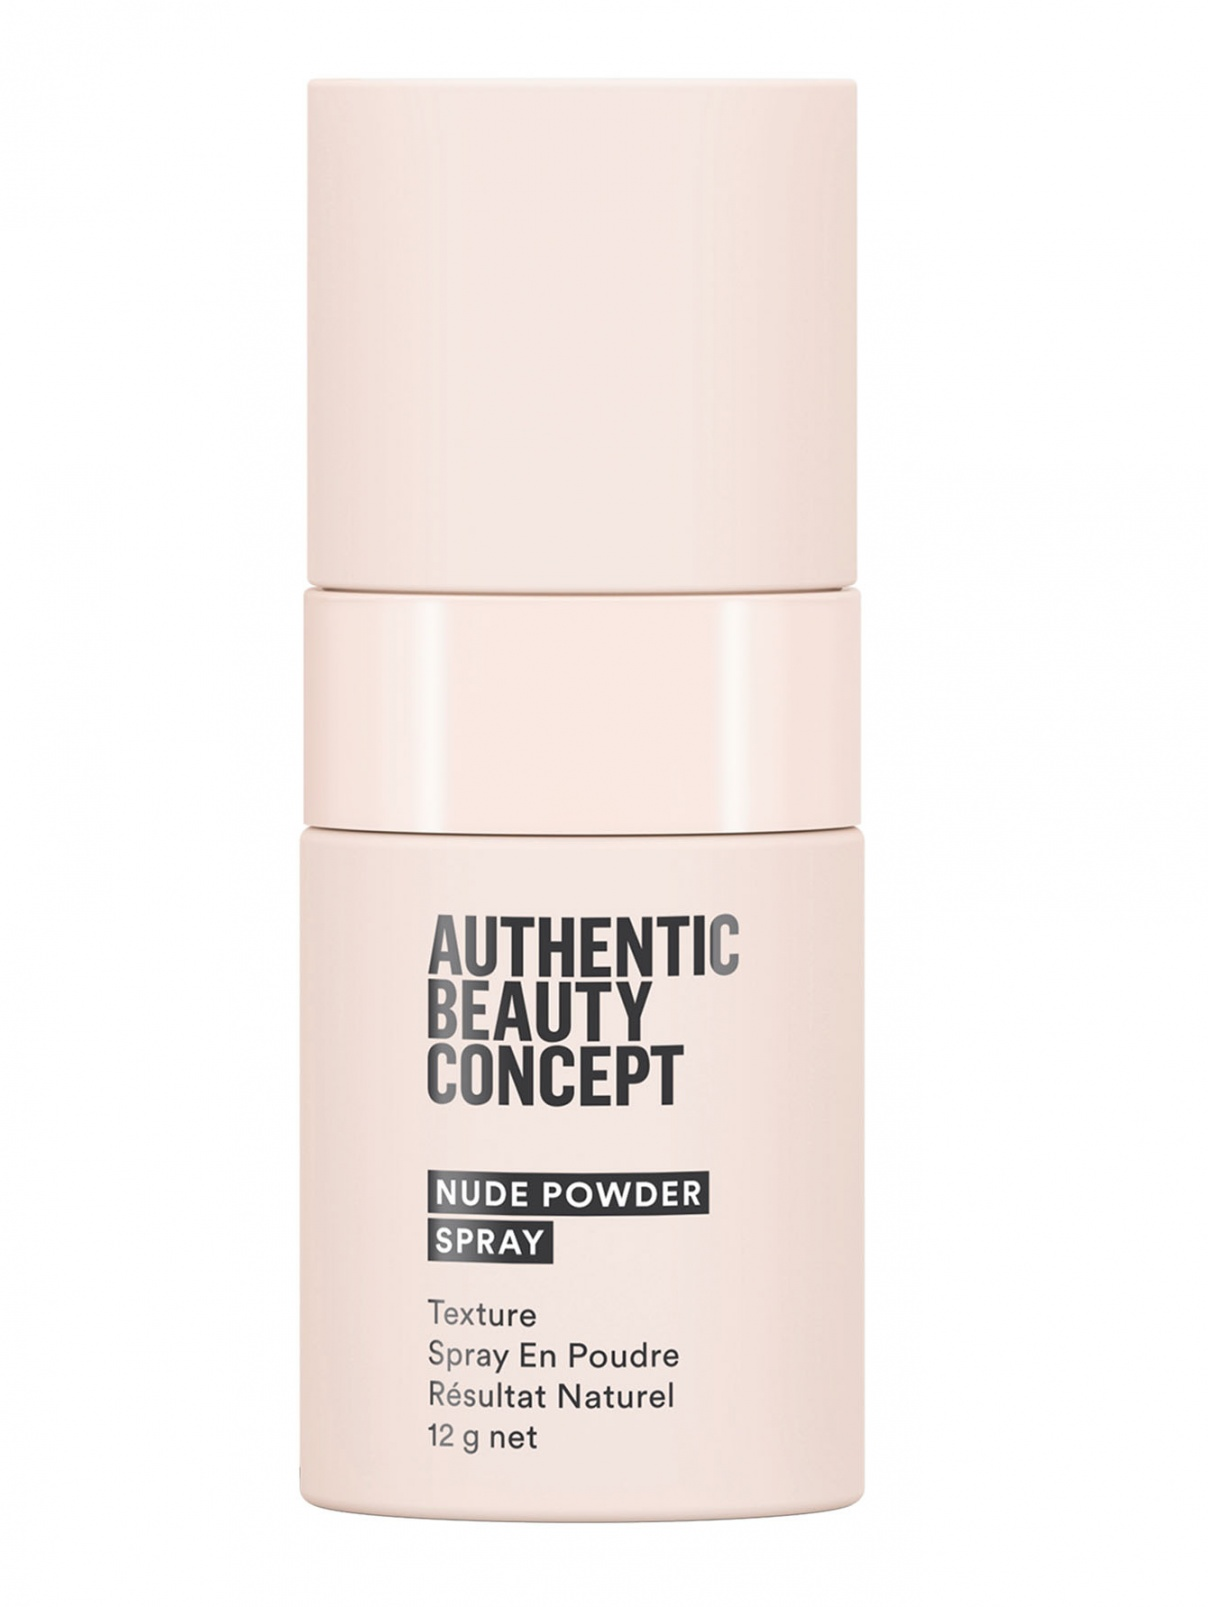 Пудровый Спрей Nude Powder Spray 12 г Authentic Beauty Concept  –  Общий вид